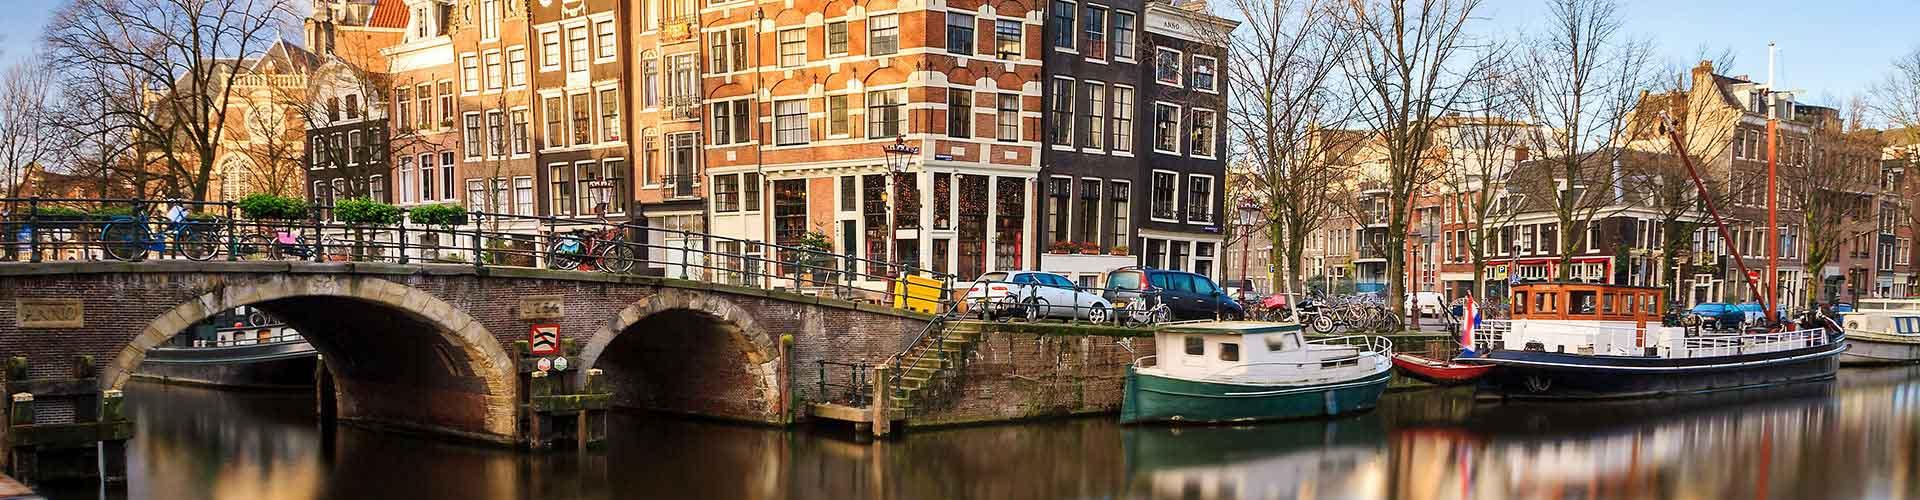 Amsterodam - Hostelů v Amsterodam. Mapy pro Amsterodam, fotky a recenze pro každý hostel v Amsterodam.